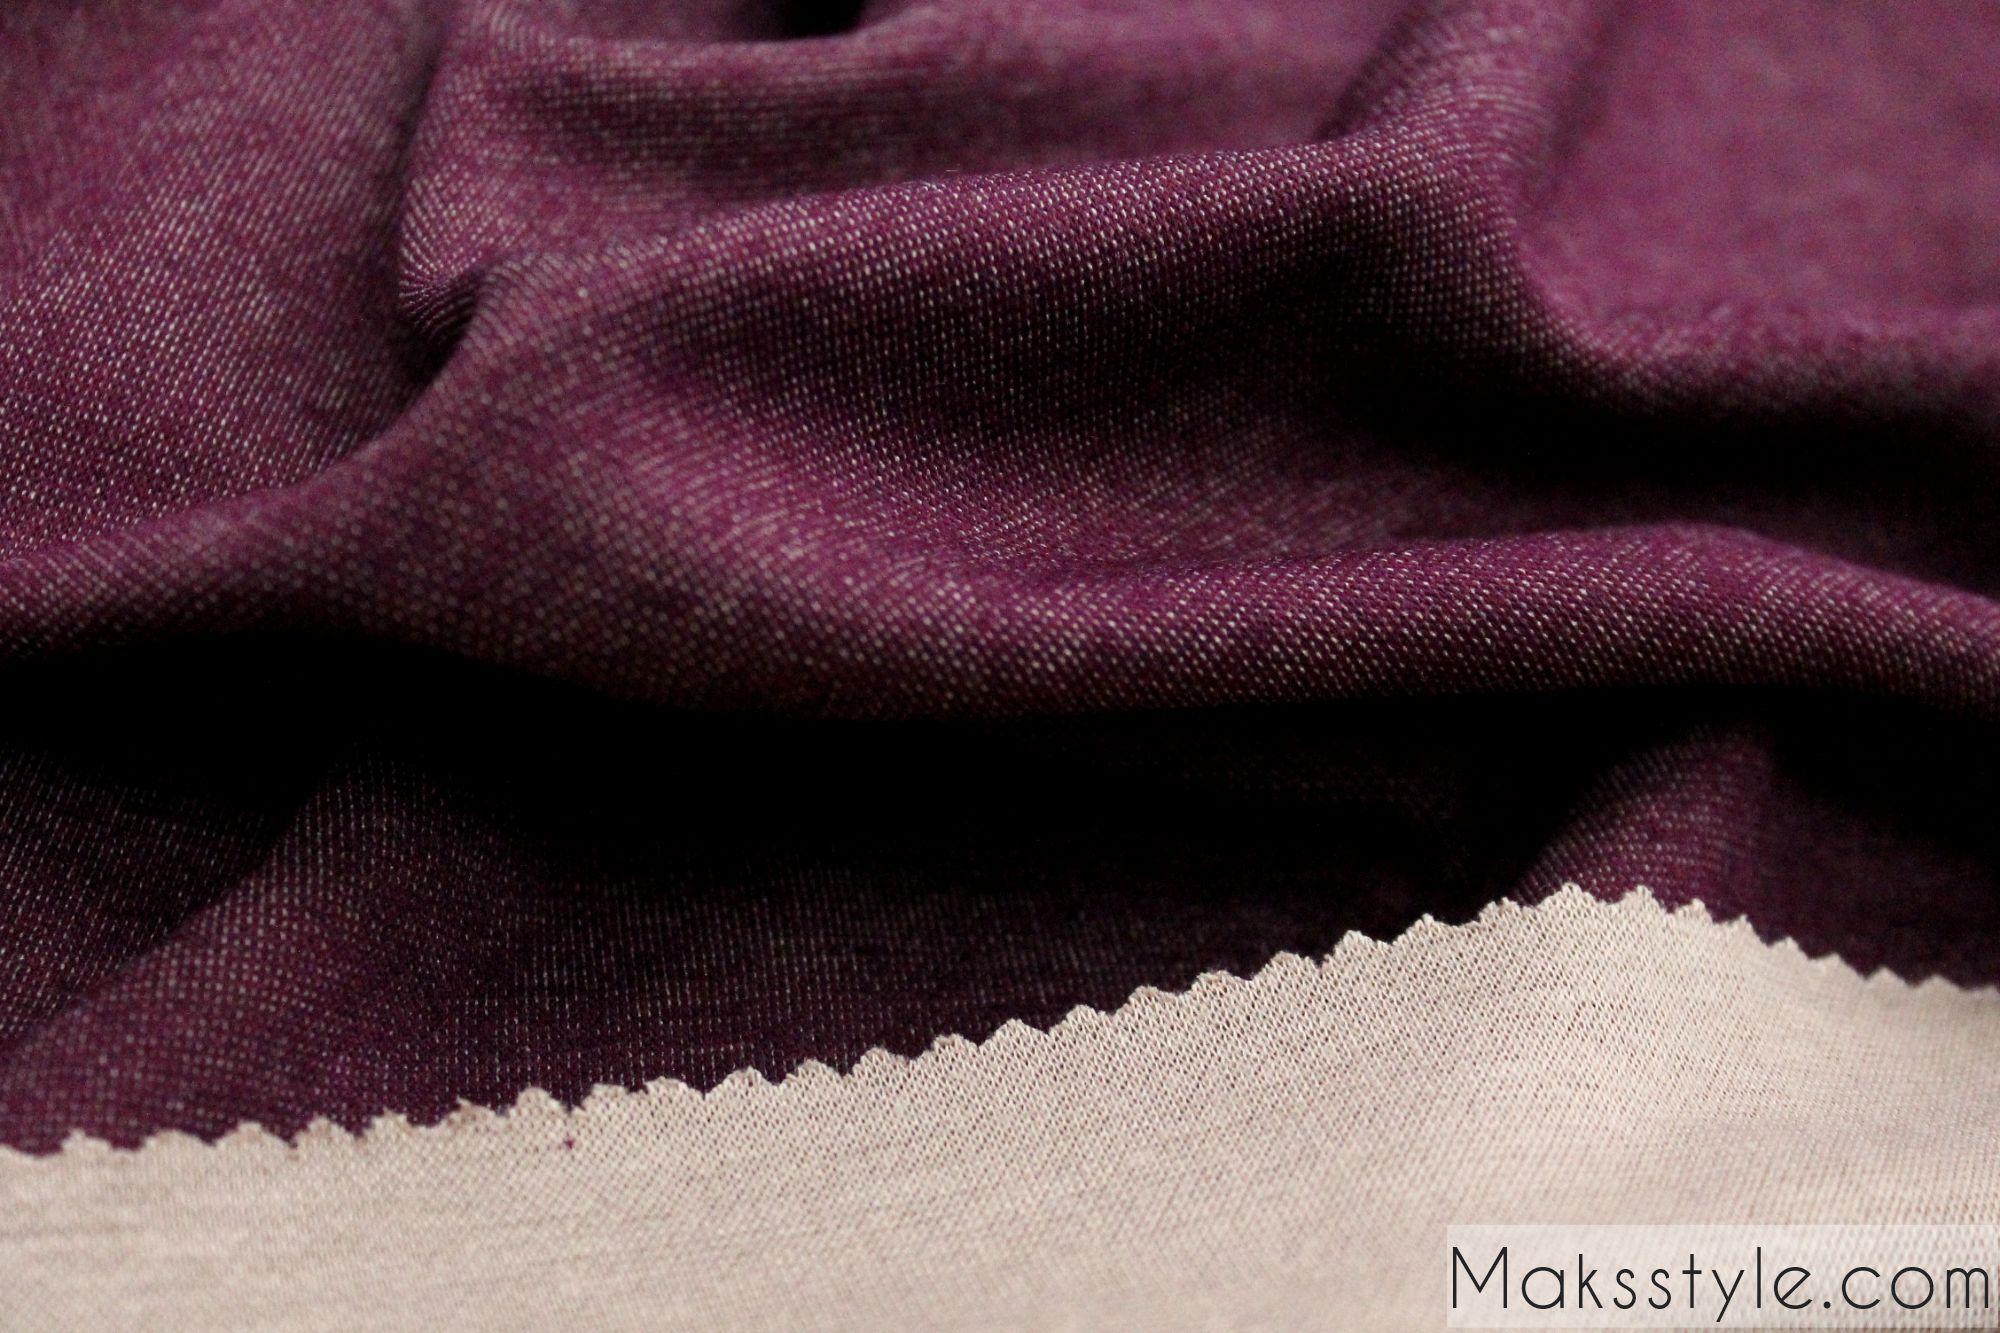 Модал — легкая ткань из целлюлозы для белья и одежды